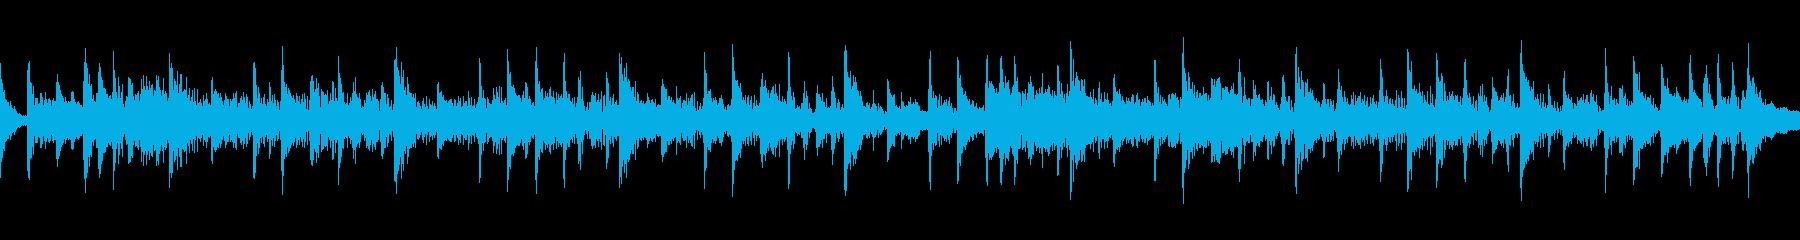 リズミカルなドラムロックの再生済みの波形